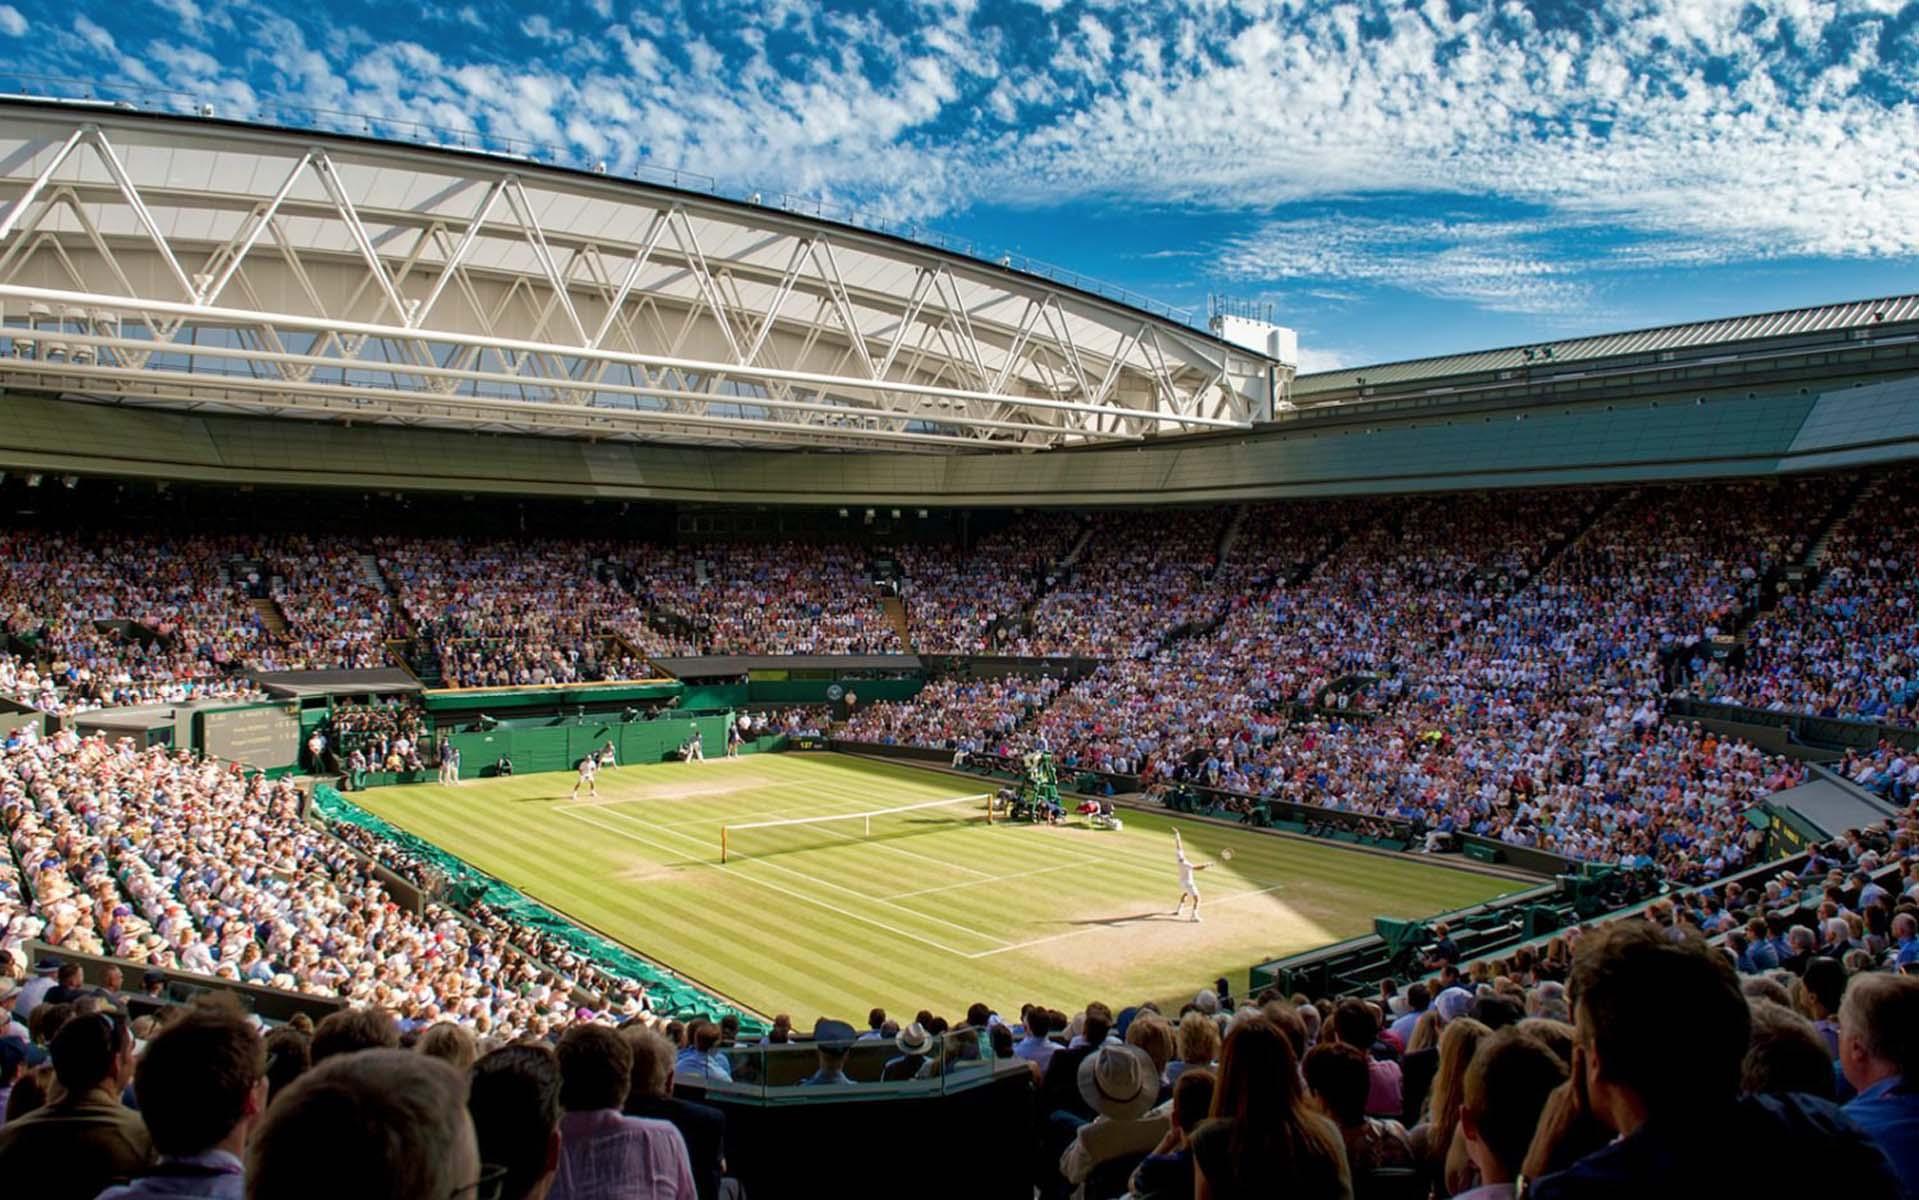 Wimbledon tenis turnuvası nerede, ne zaman, hangi kanalda 2021? Şifreli mi, şifresiz mi?